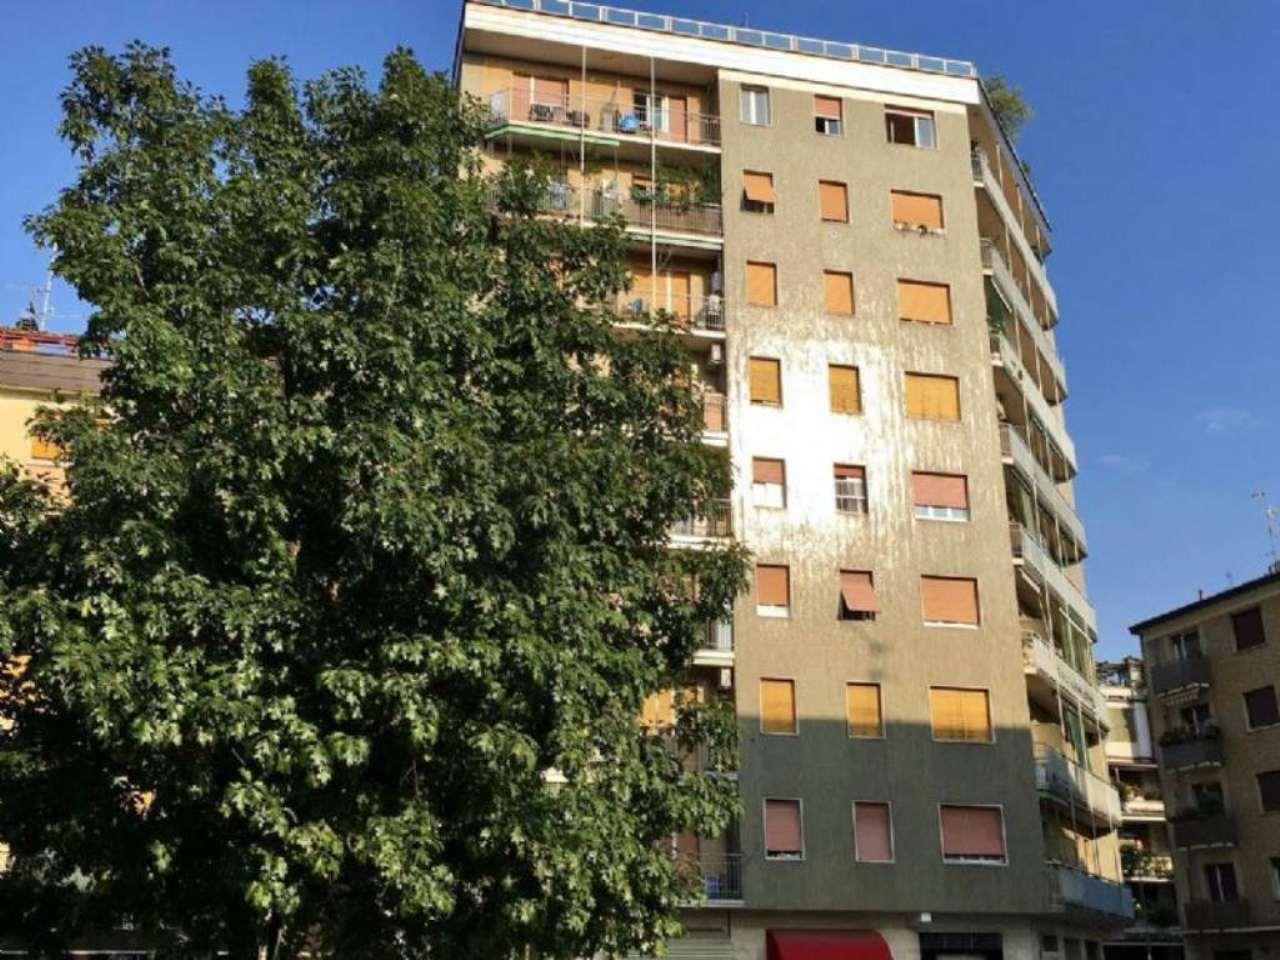 Appartamento in vendita a Bresso, 3 locali, prezzo € 143.000 | CambioCasa.it